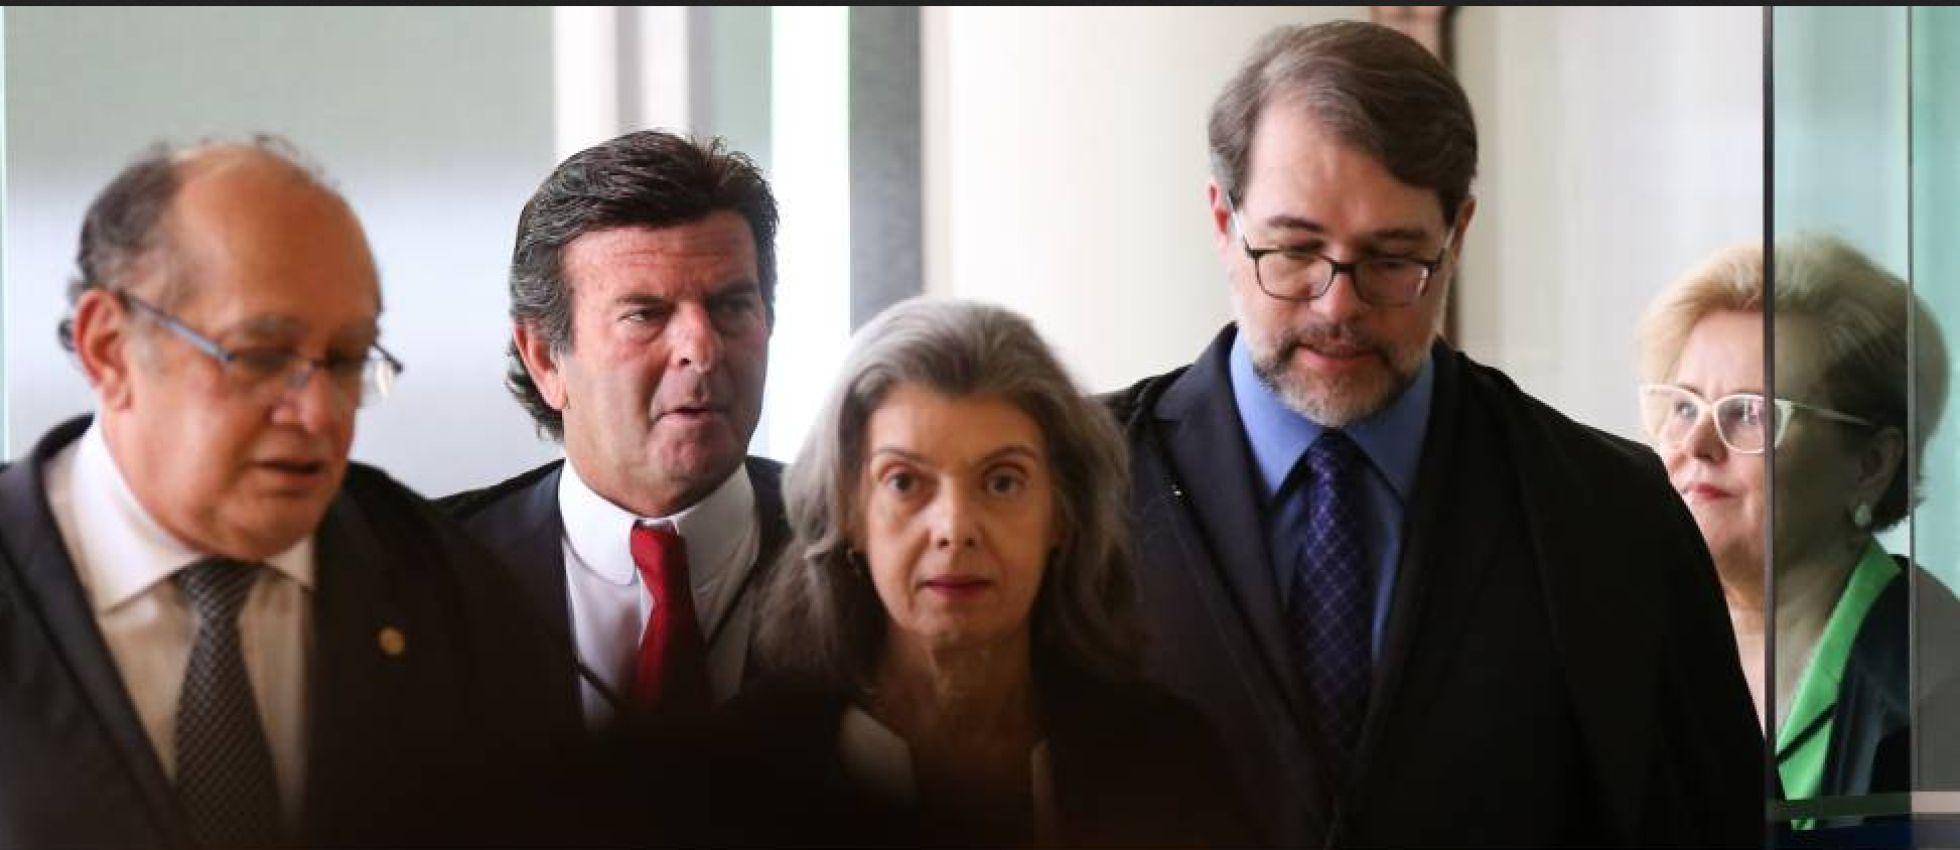 Paulo Pimenta: Que o STF cumpra o seu papel e anule já os processos contra Lula